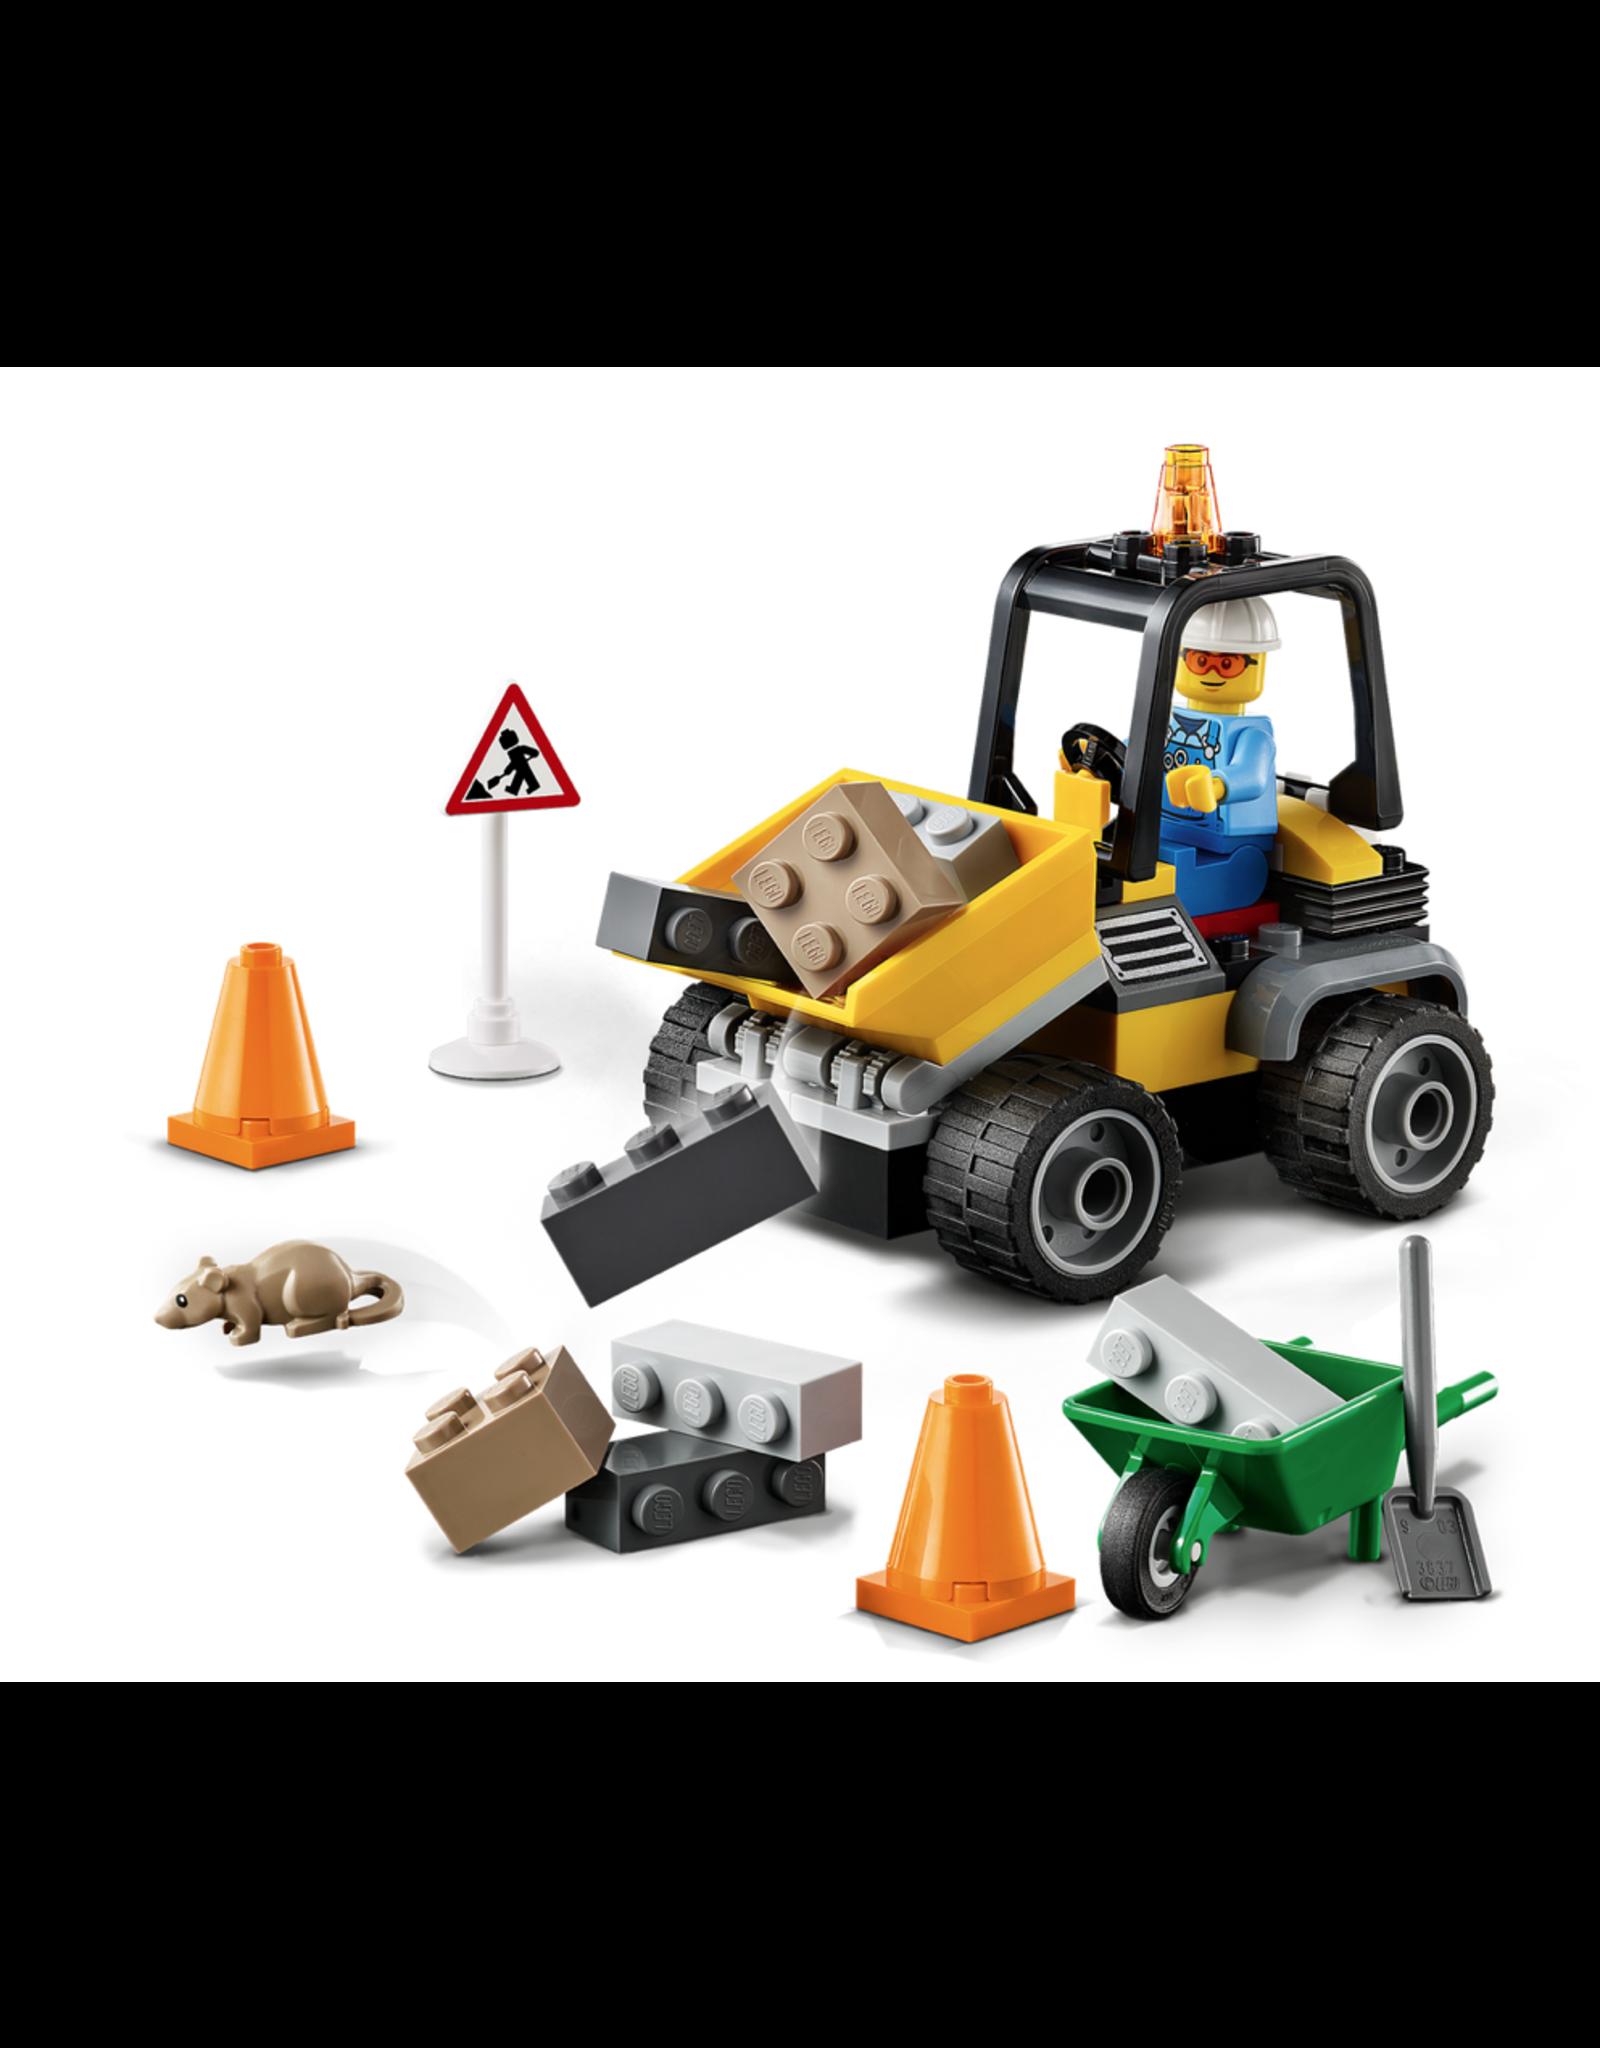 LEGO® Roadwork Truck